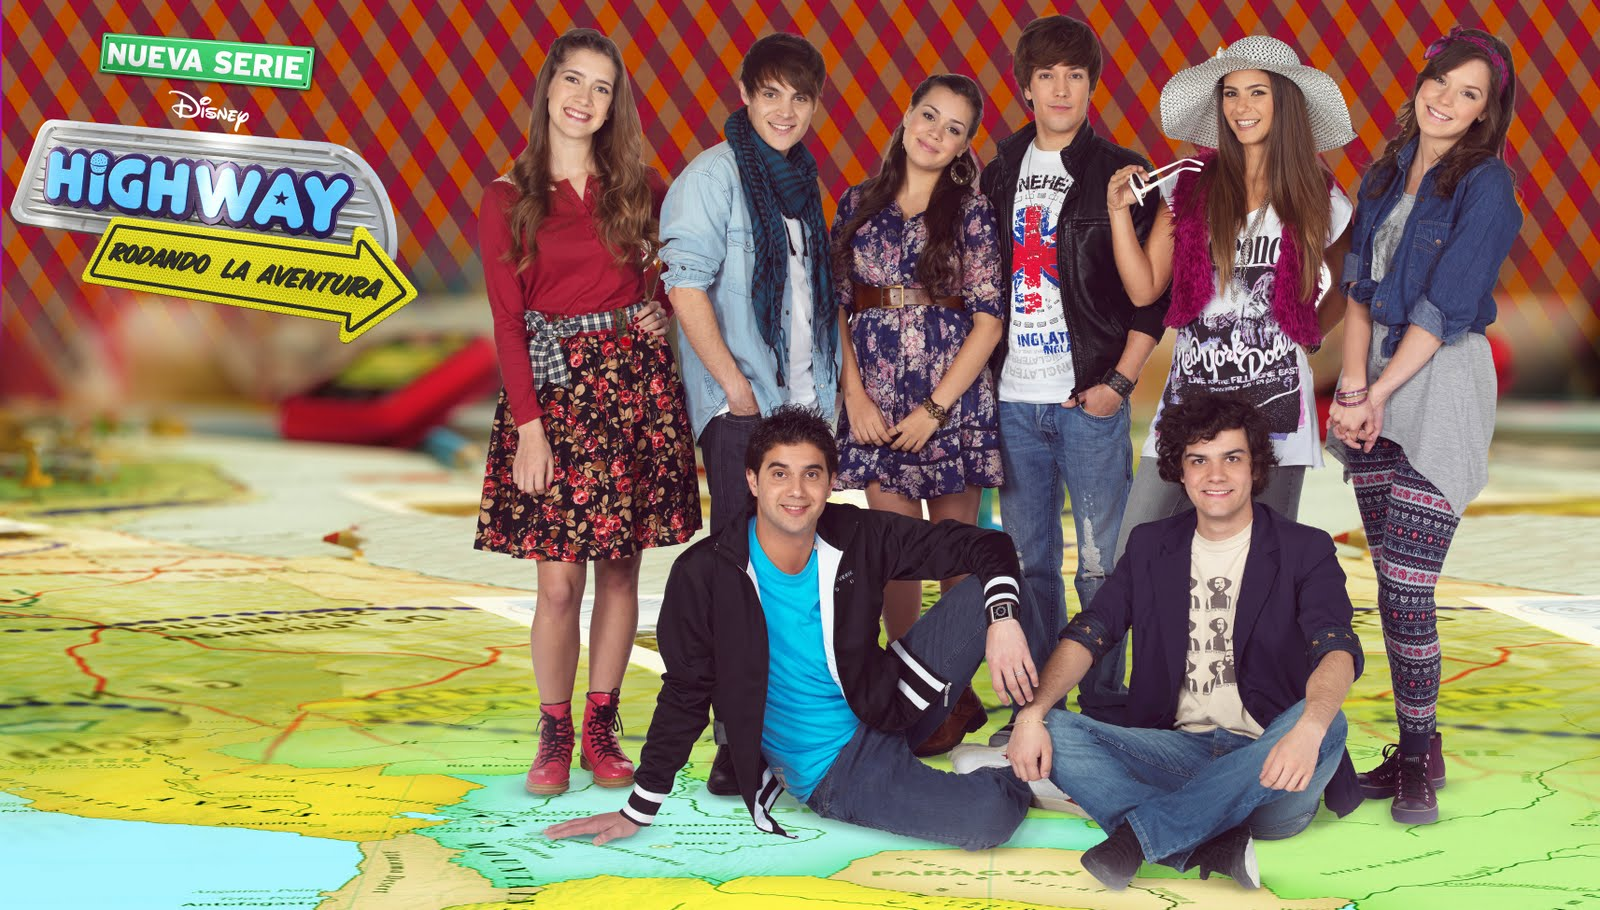 Cine Informacion y mas: Disney Channel - Noviembre programacion